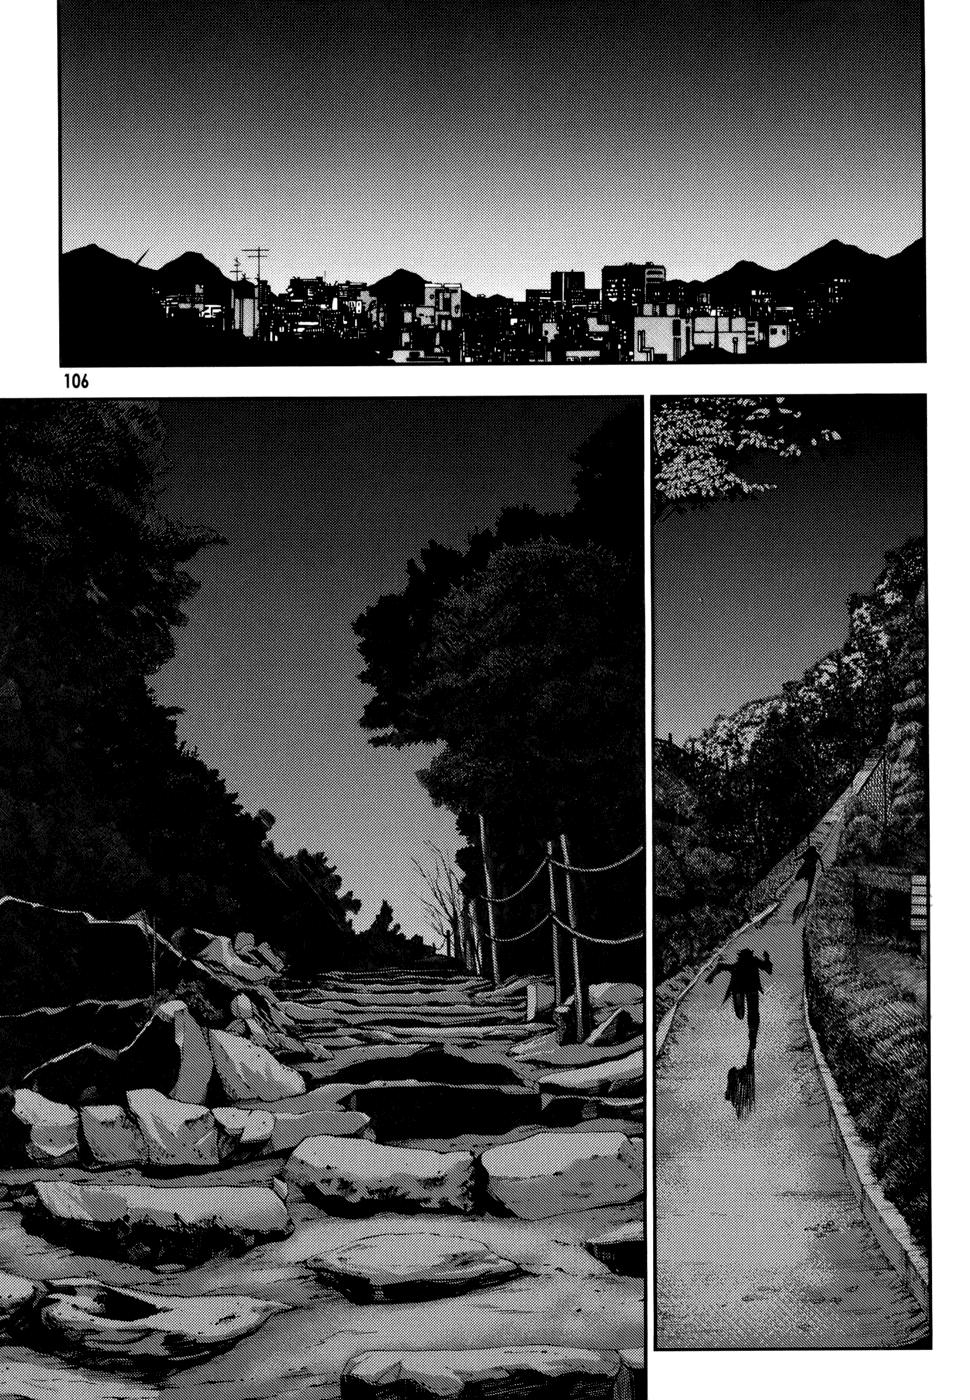 50 Million Km chap 4 - gặp mặt (4) trang 18